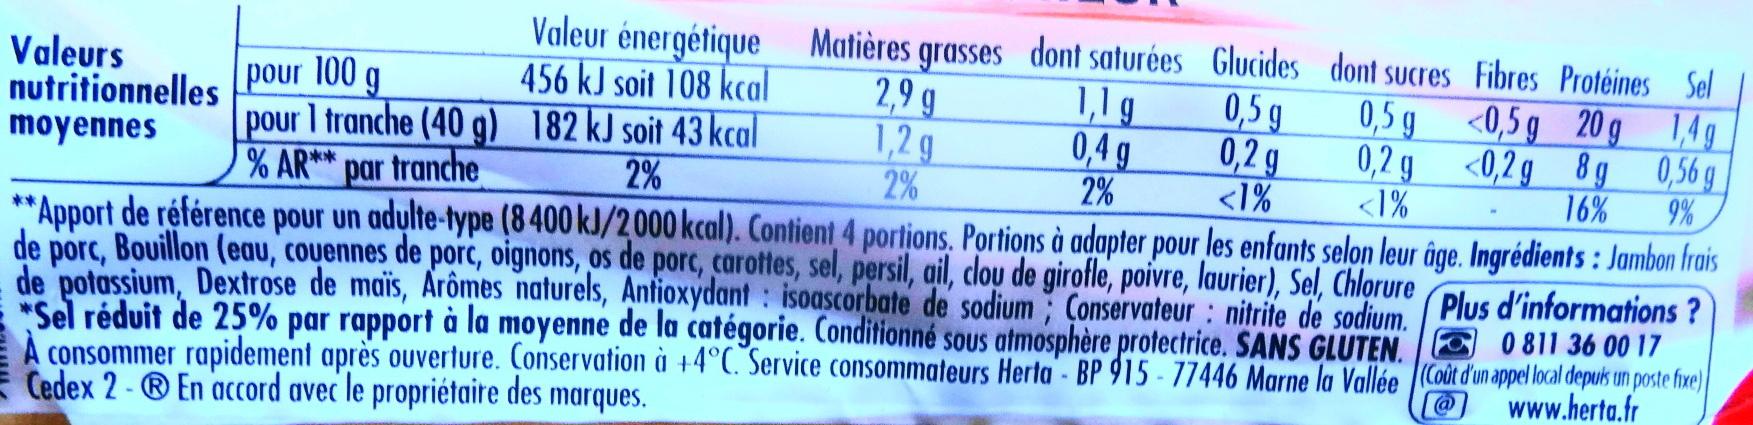 Tendre Noix, Supérieur (- 25 % de Sel) - Informations nutritionnelles